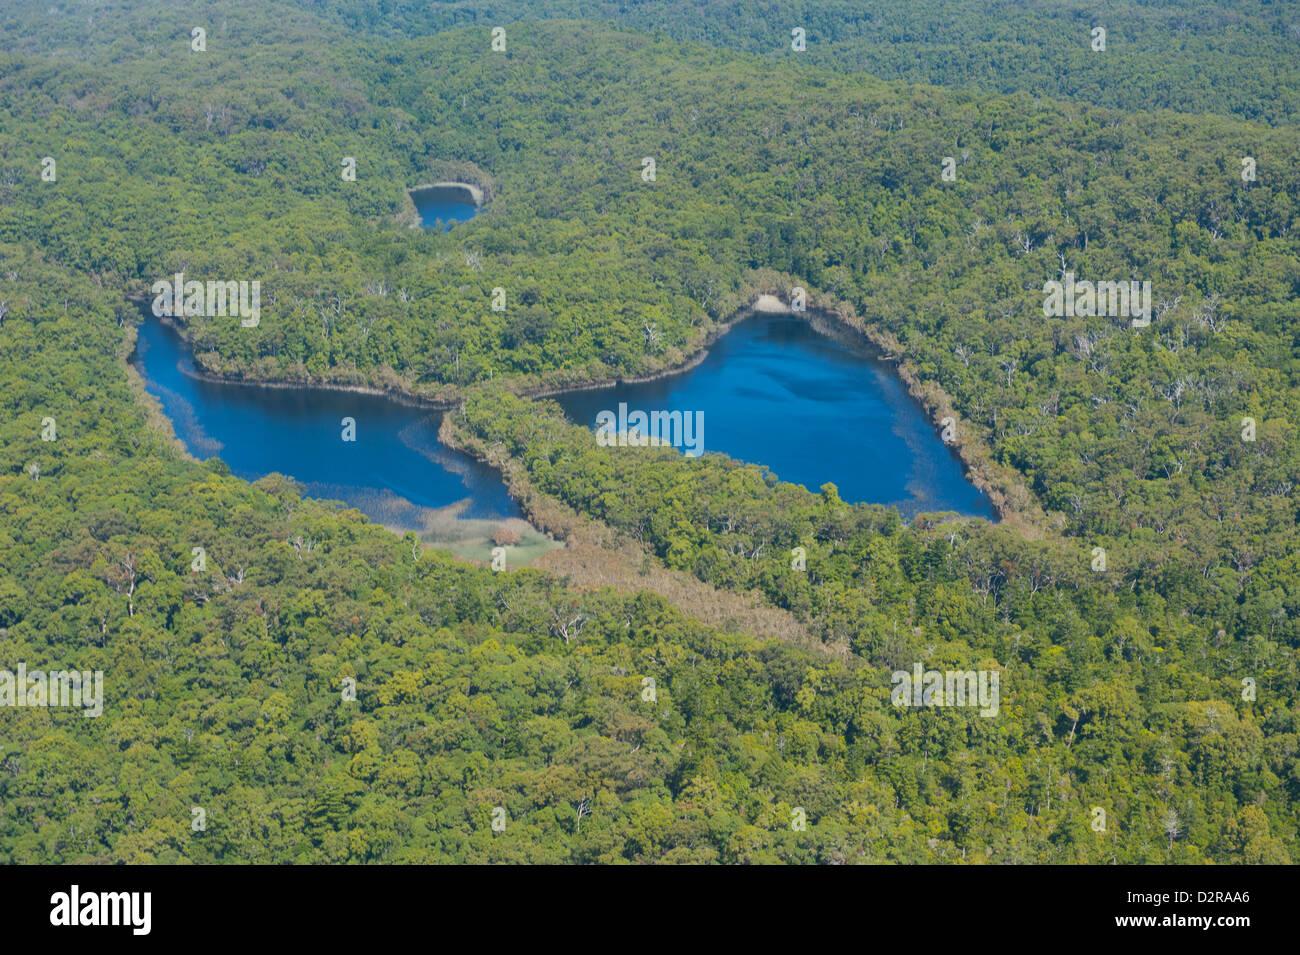 Antena de la mariposa de Lagos, la Isla Fraser, Sitio del Patrimonio Mundial de la UNESCO, Queensland, Australia, el Pacífico Foto de stock